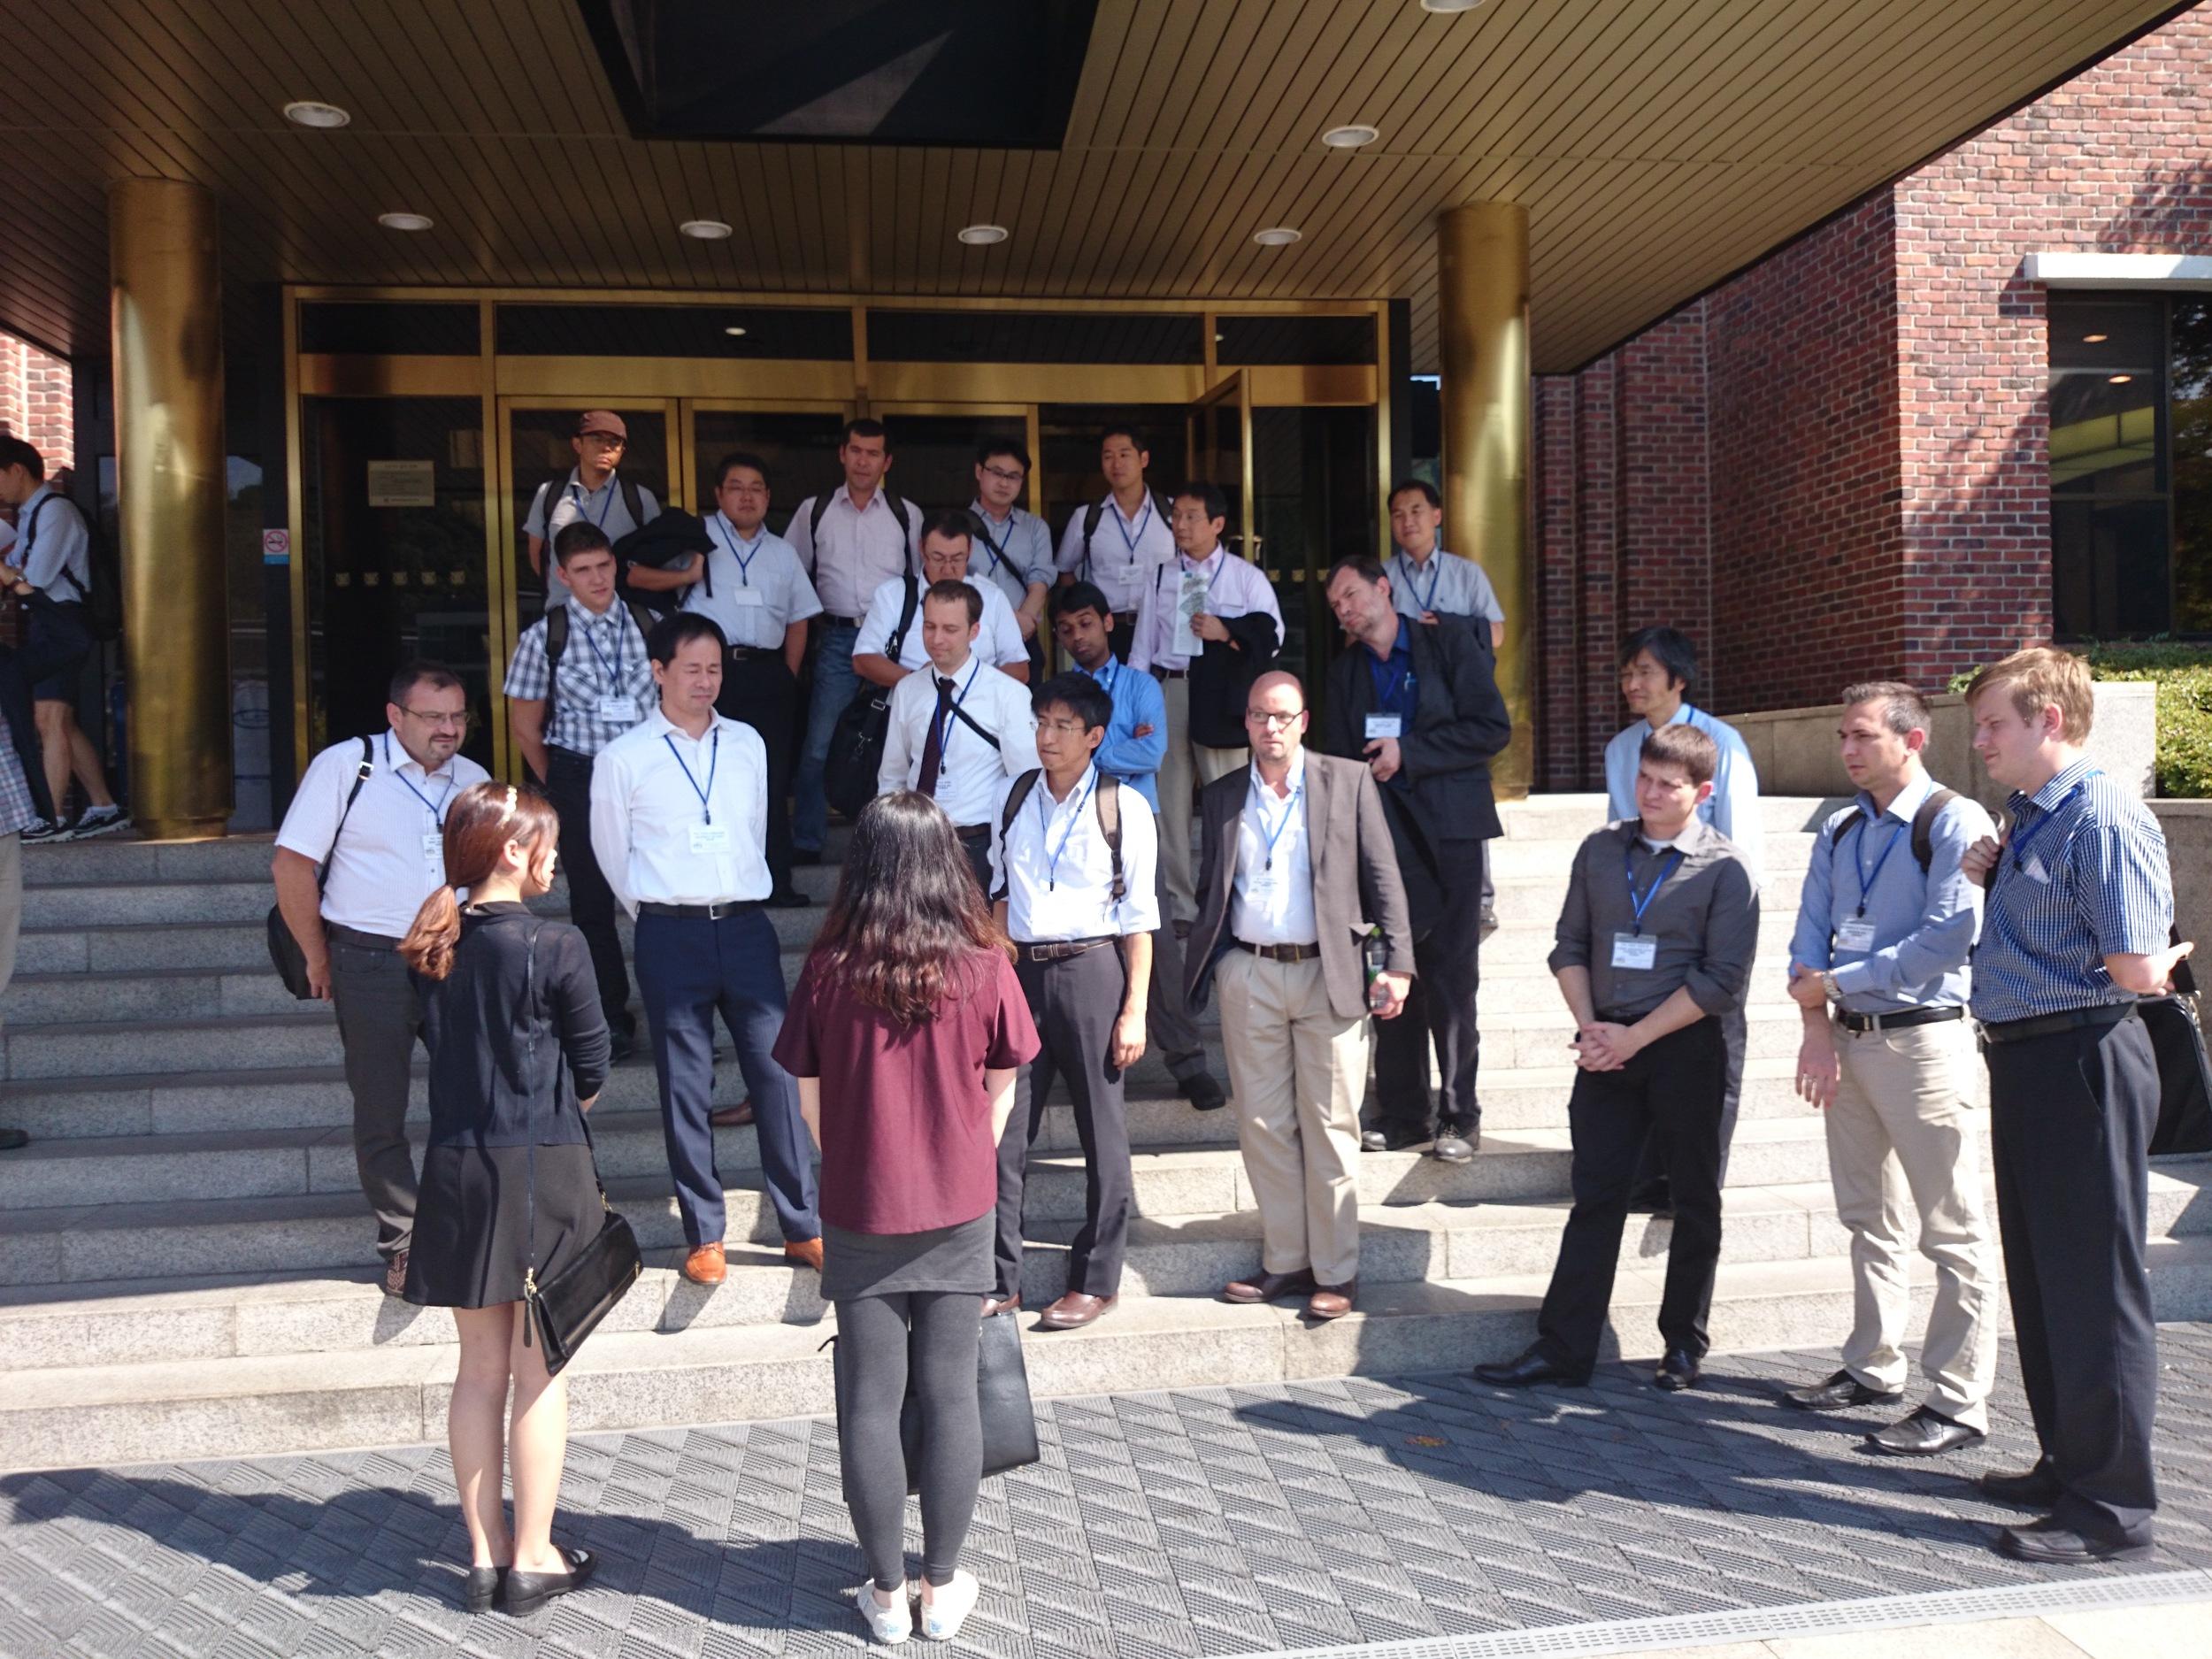 istvs_seoul2014-kim_Campus tour.jpg